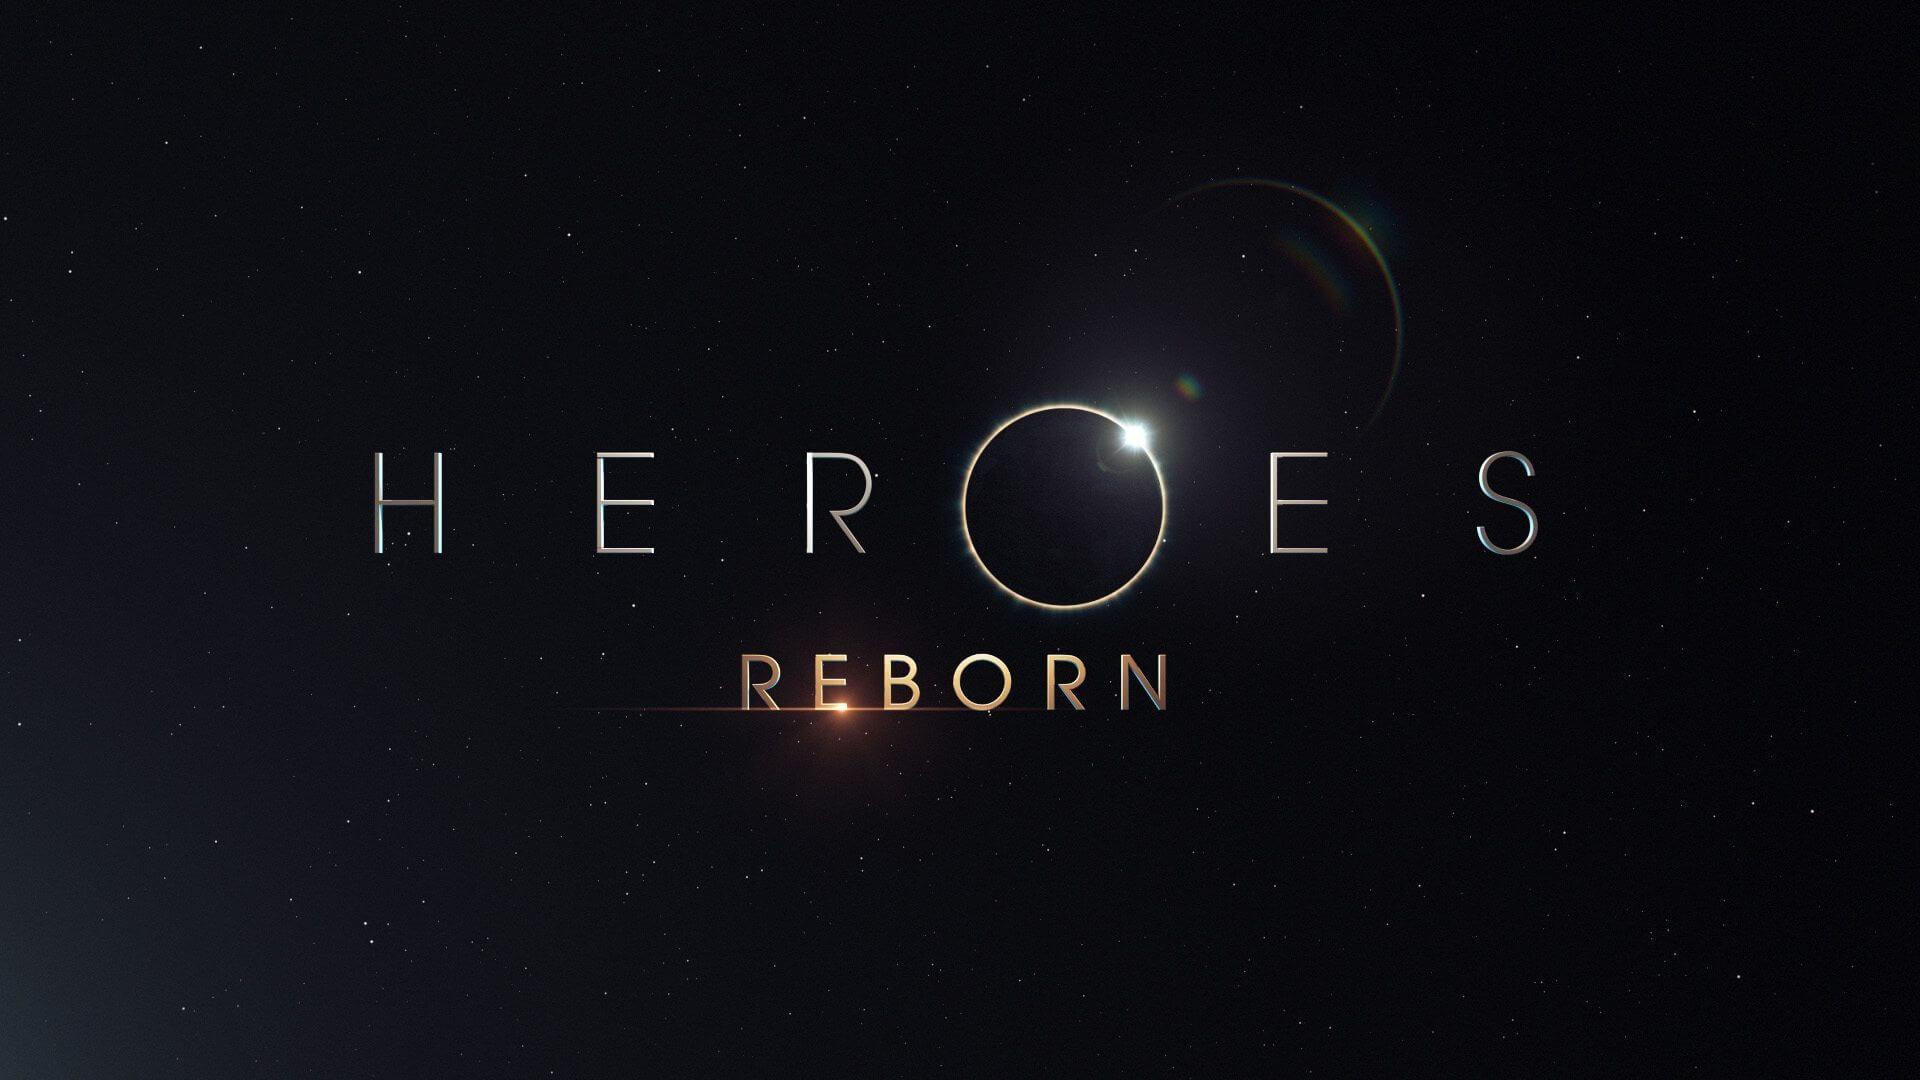 Heroes reborn 2015